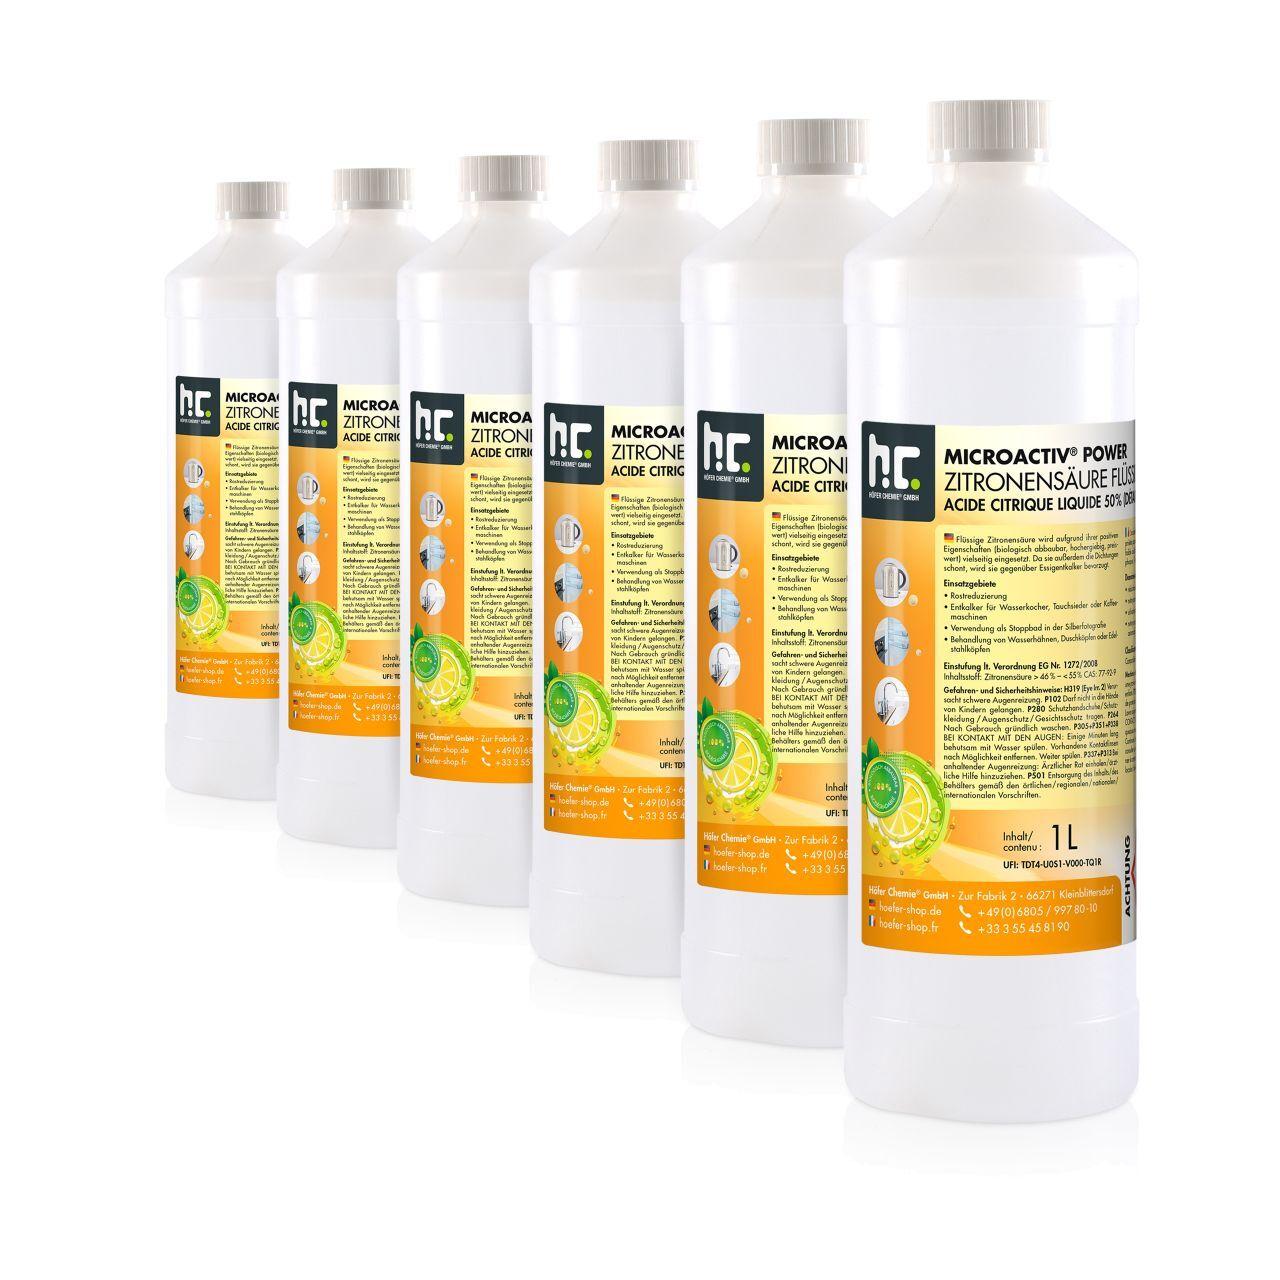 Höfer Chemie 1 l Acide Citrique Liquide 50% (1 x 1 l)